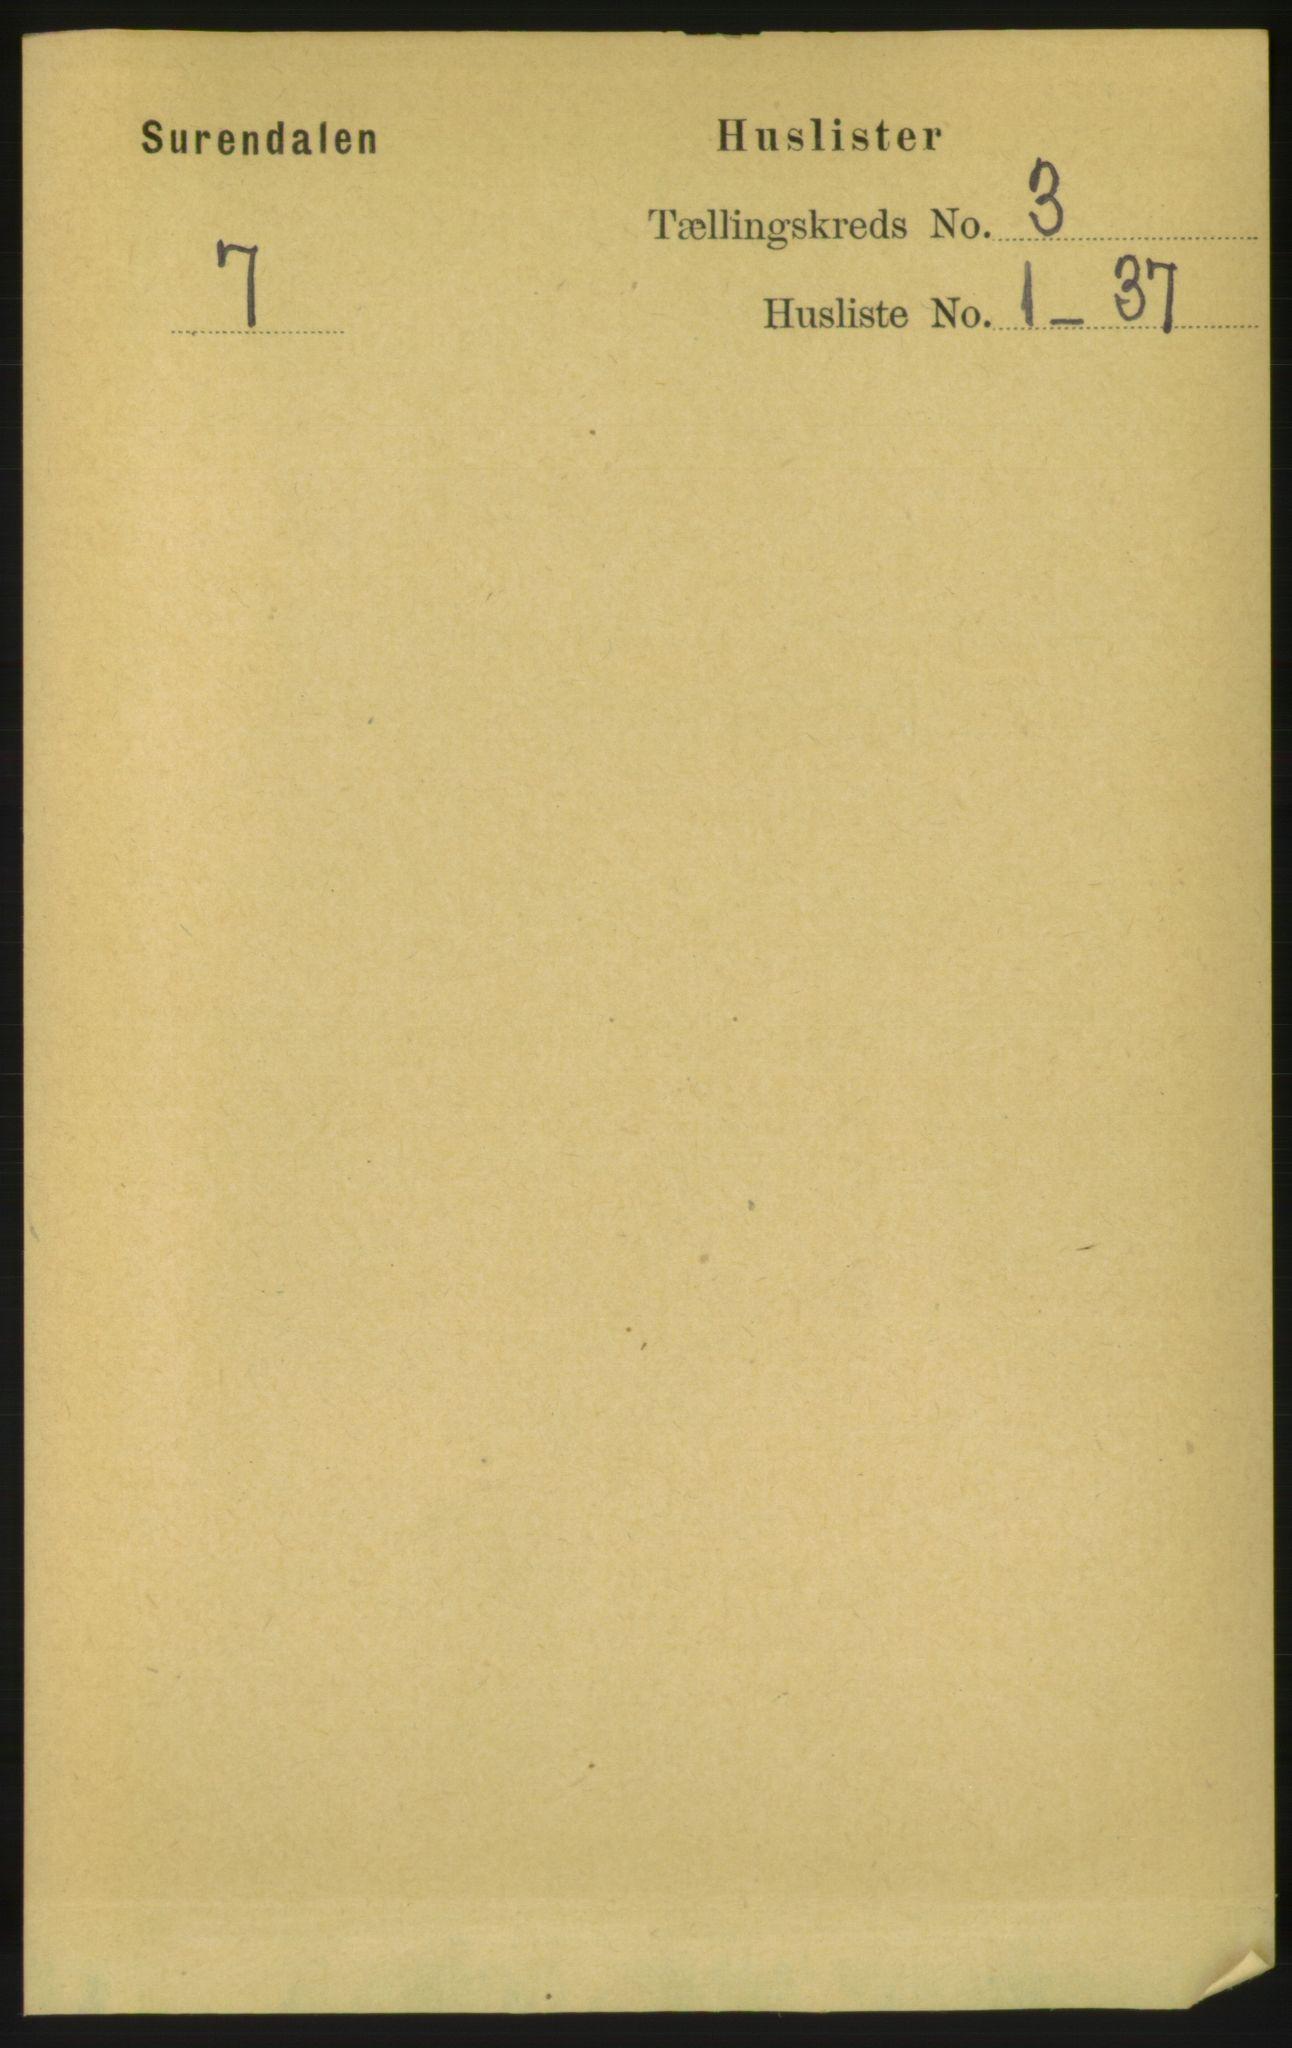 RA, Folketelling 1891 for 1566 Surnadal herred, 1891, s. 744